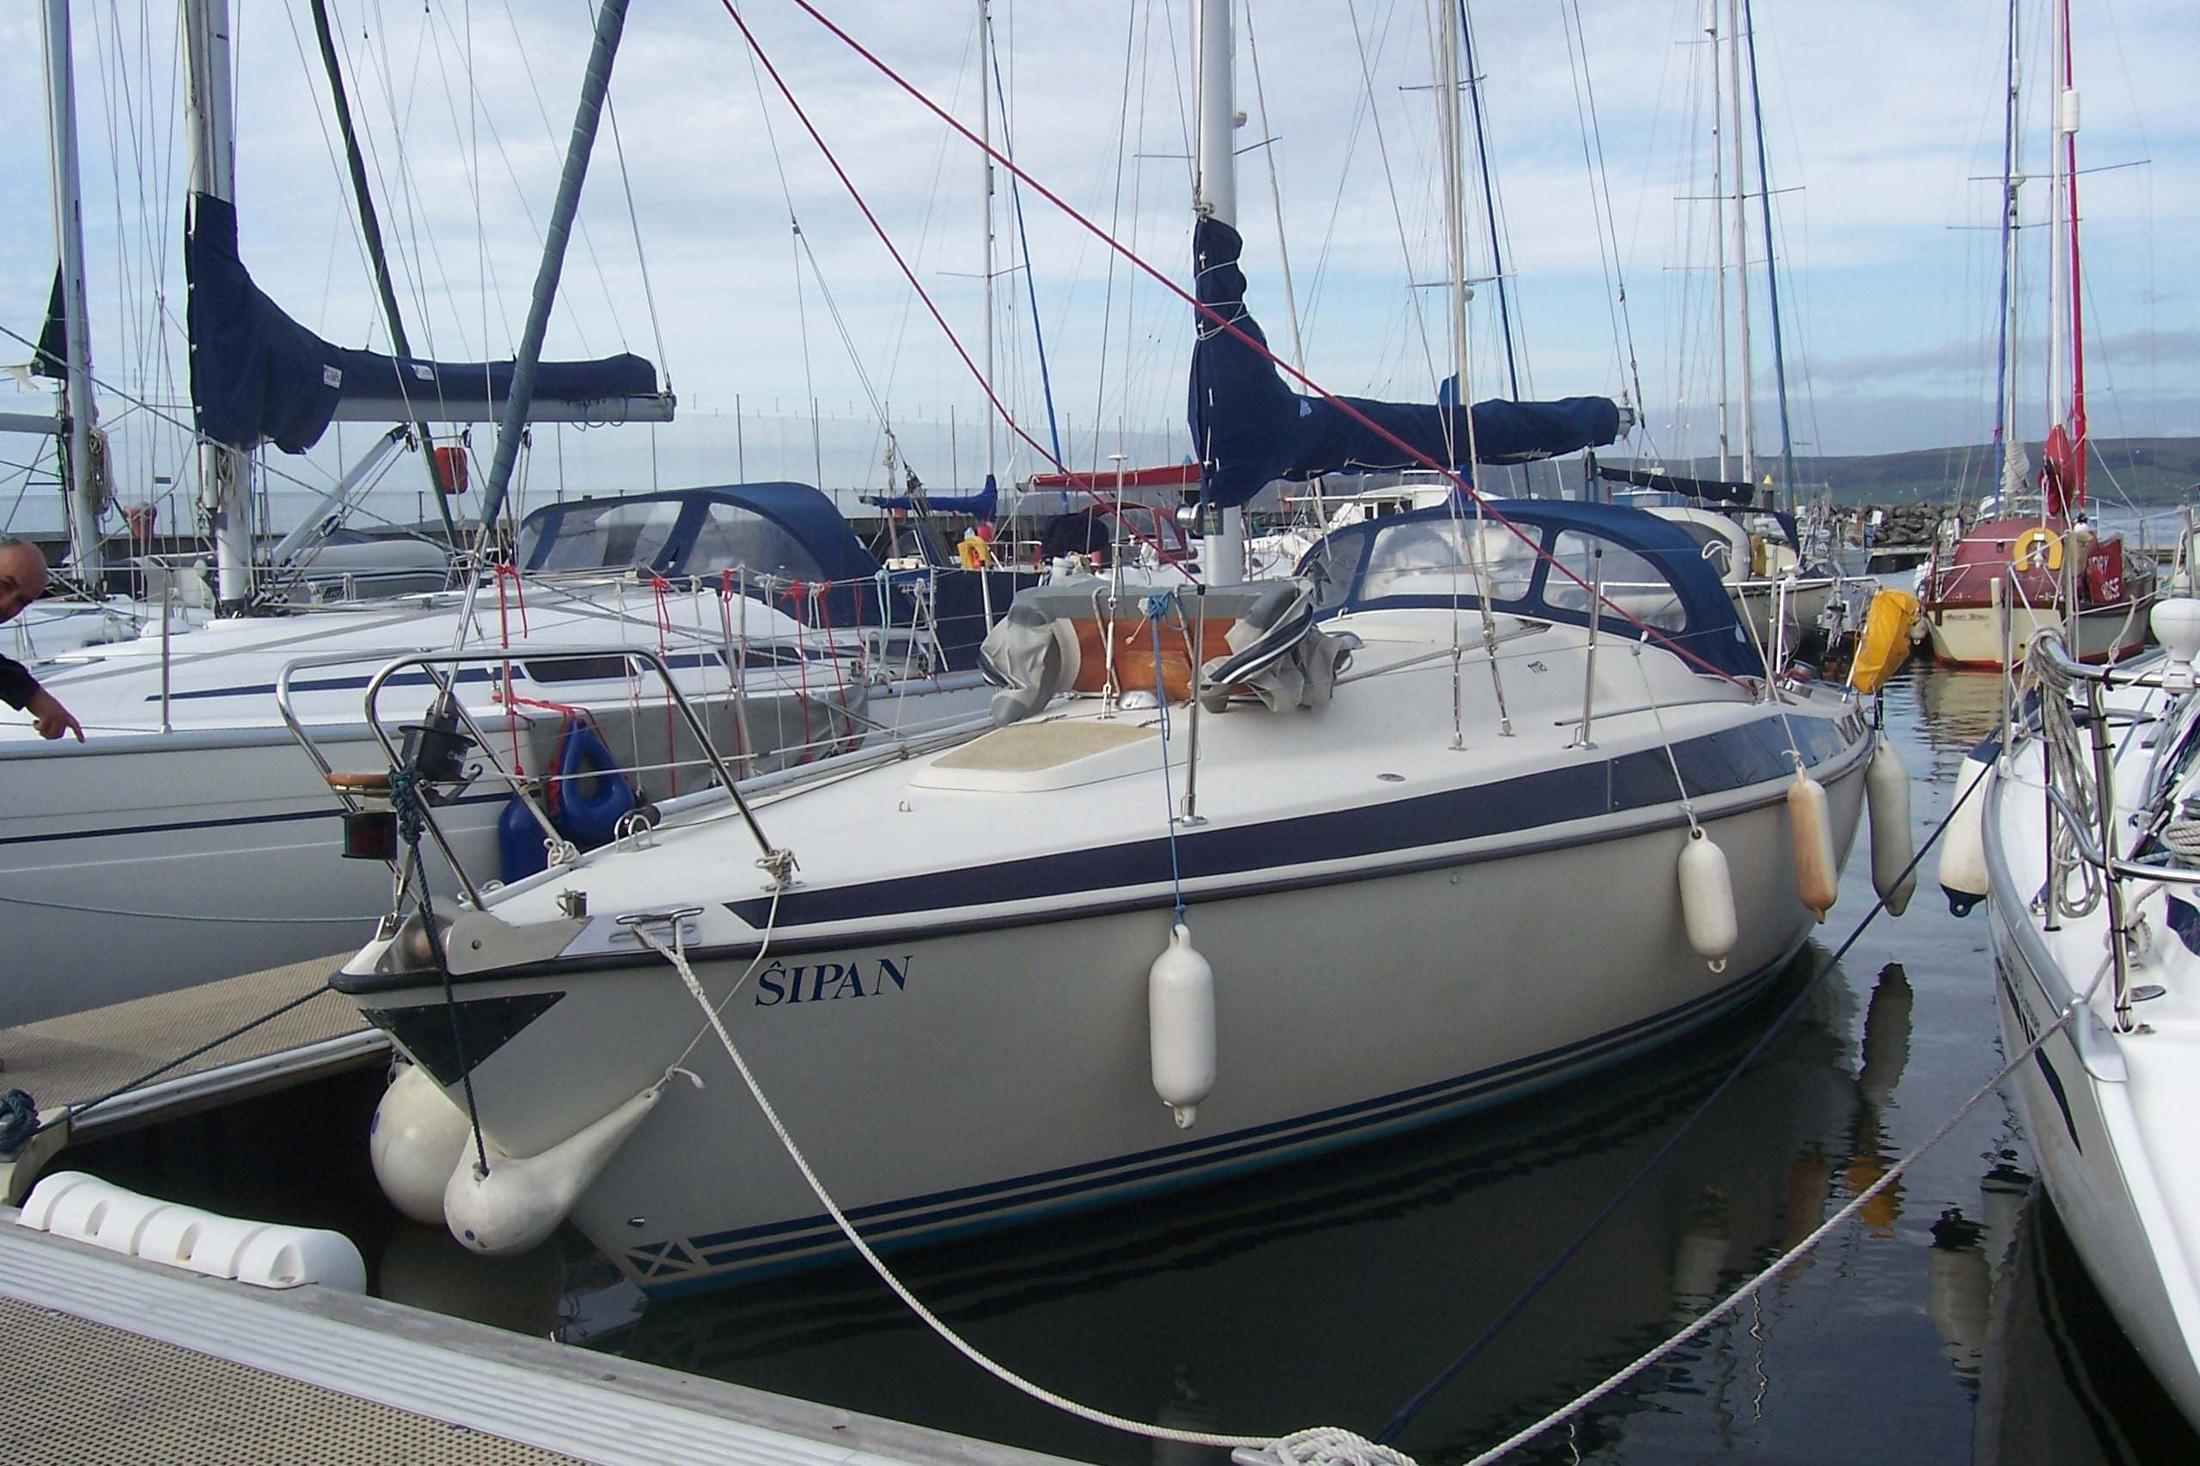 Maxi 84, Clyde Marina, Ardrossan, North Ayrshire